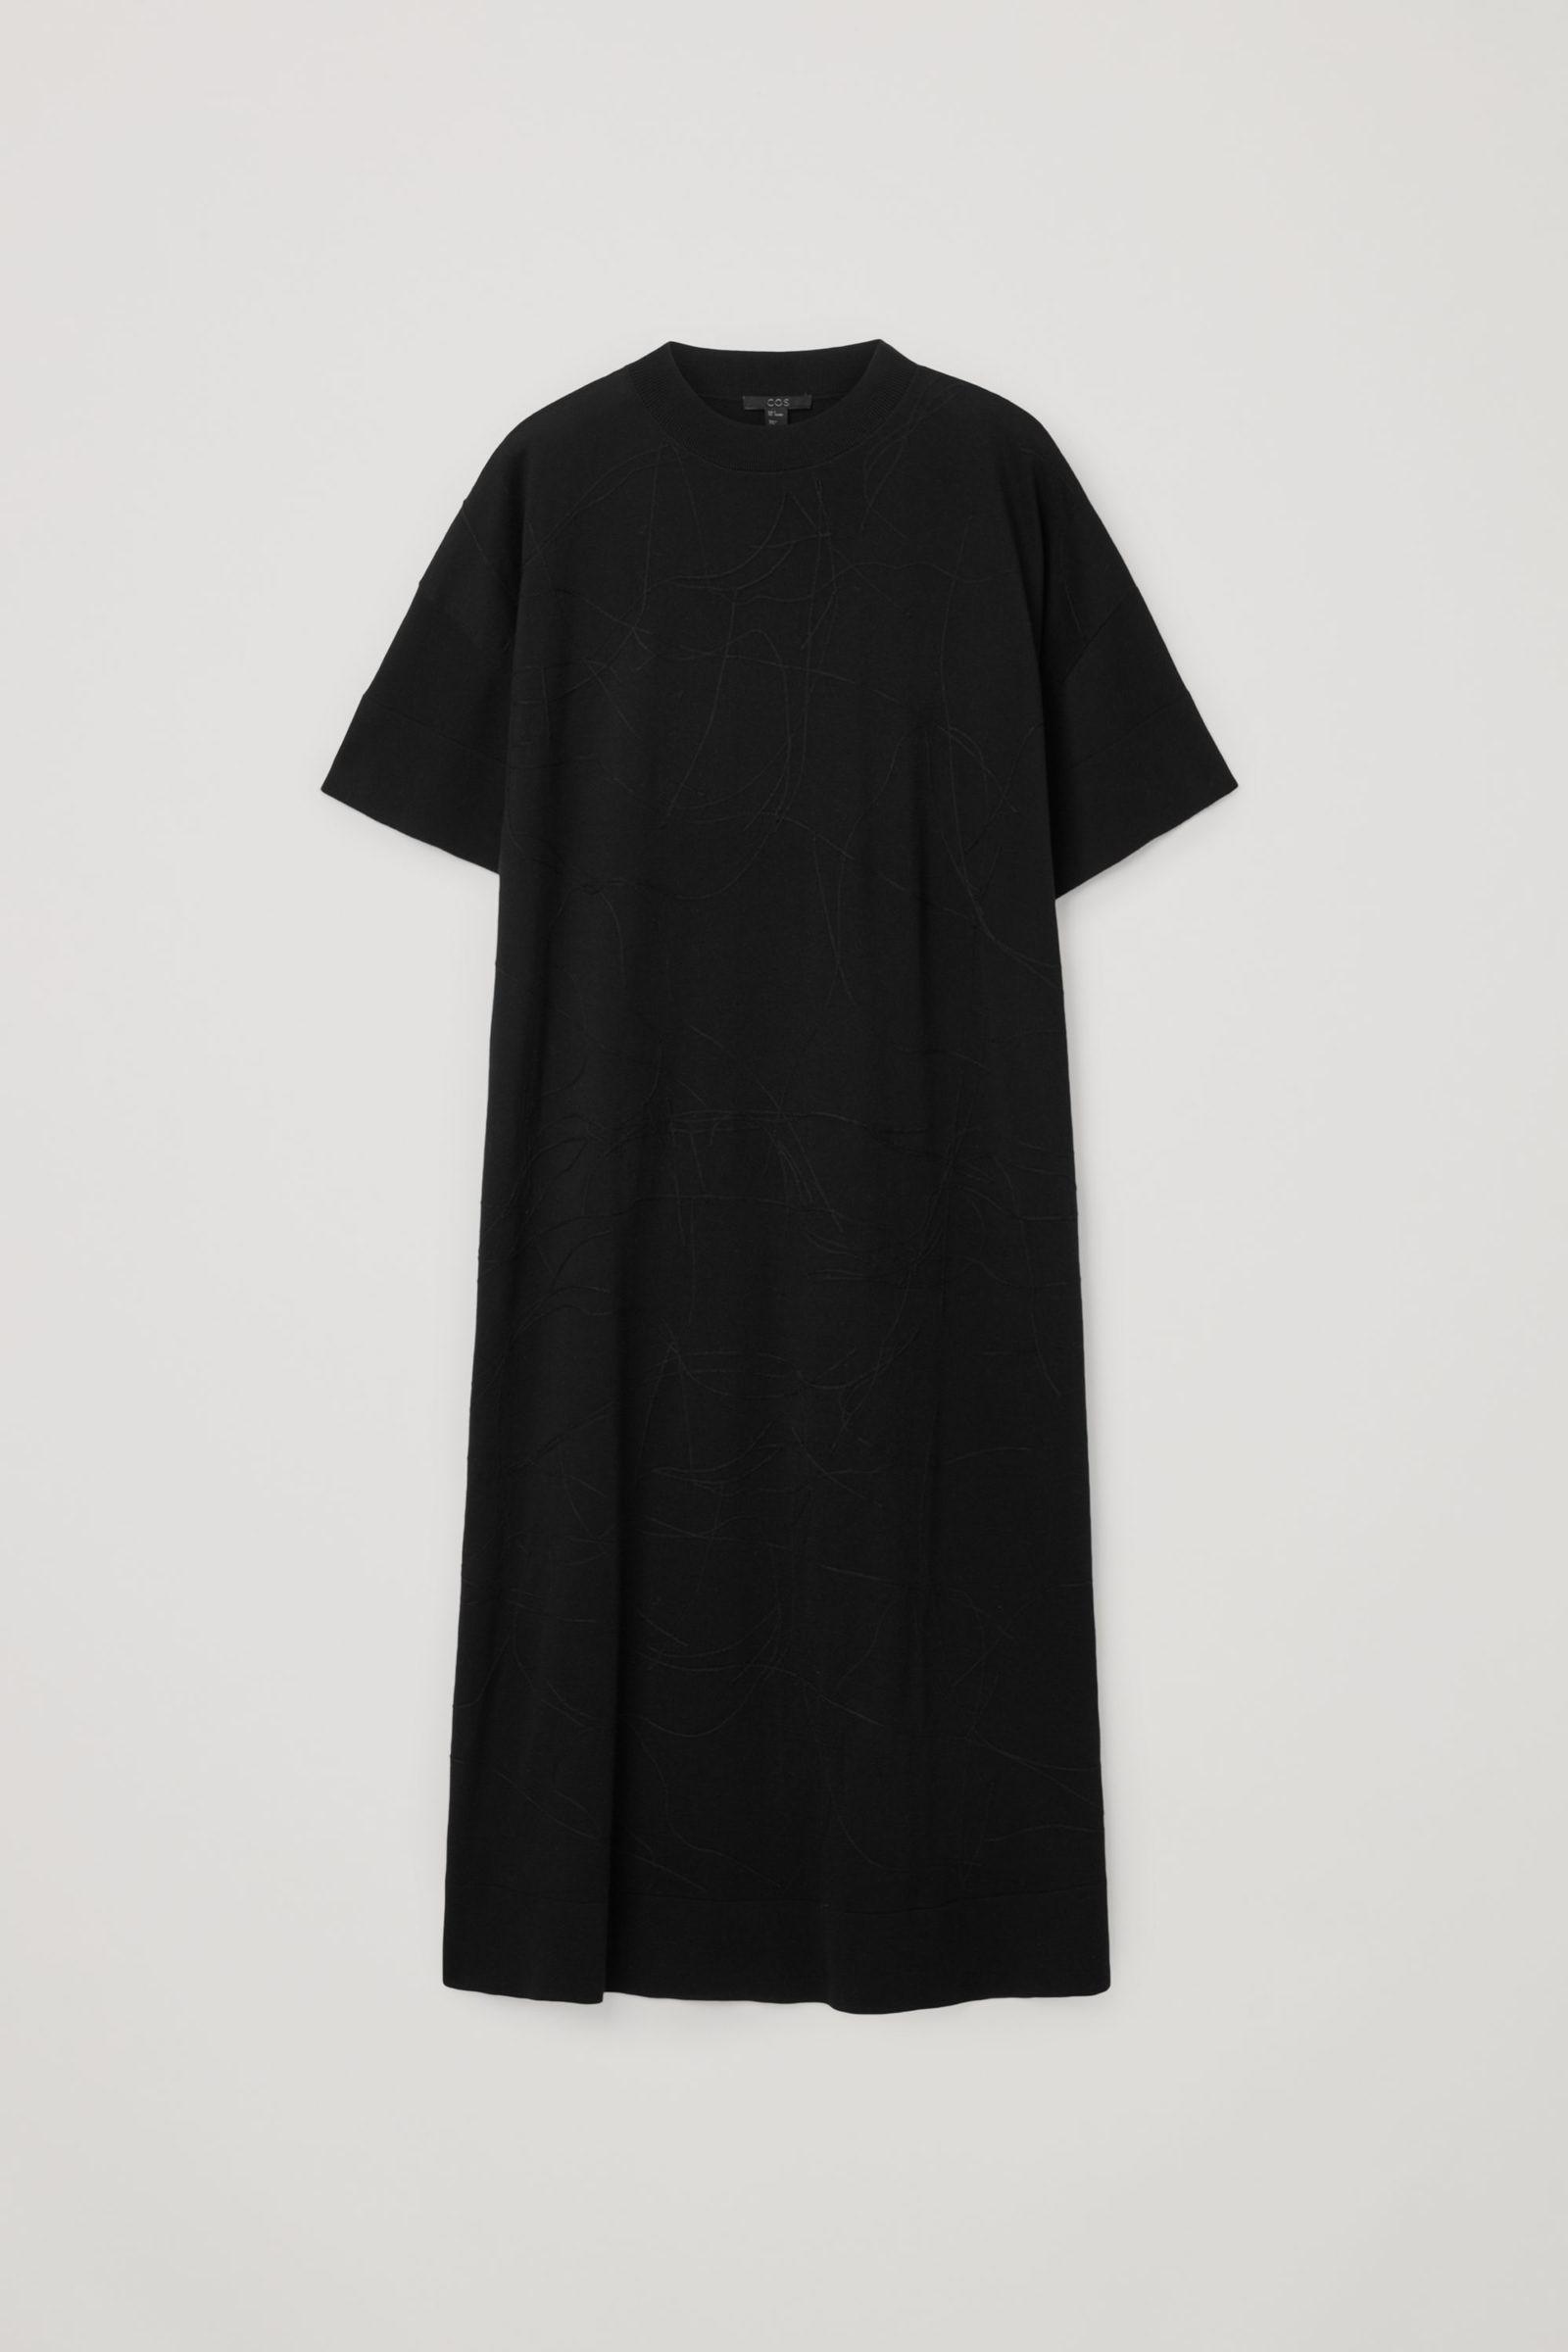 COS 오가닉 코튼 앱스트랙트 스티치 디테일 드레스의 블랙컬러 Product입니다.